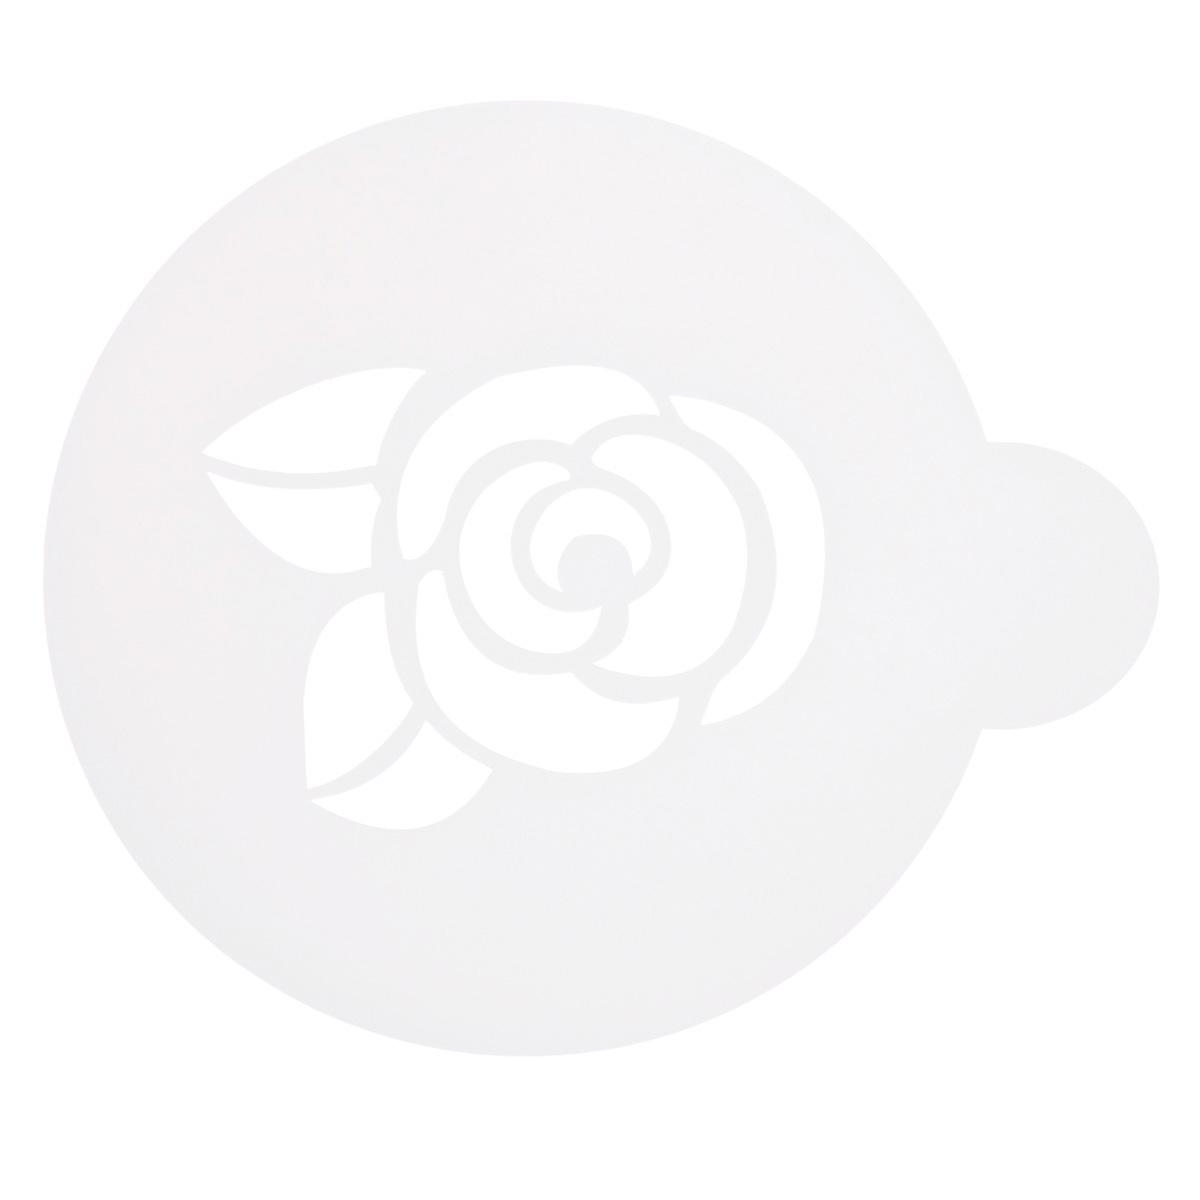 Трафарет на кофе и десерты Леденцовая фабрика Розочка, диаметр 10 смТ014Трафарет представляет собой пластину с прорезями, через которые пищевая краска (сахарная пудра, какао, шоколад, сливки, корица, дробленый орех) наносится на поверхность кофе, молочных коктейлей, десертов. Трафарет изготовлен из матового пищевого пластика 250 мкм и пригоден для контакта с пищевыми продуктами. Трафарет многоразовый. Побалуйте себя и ваших близких красиво оформленным кофе.